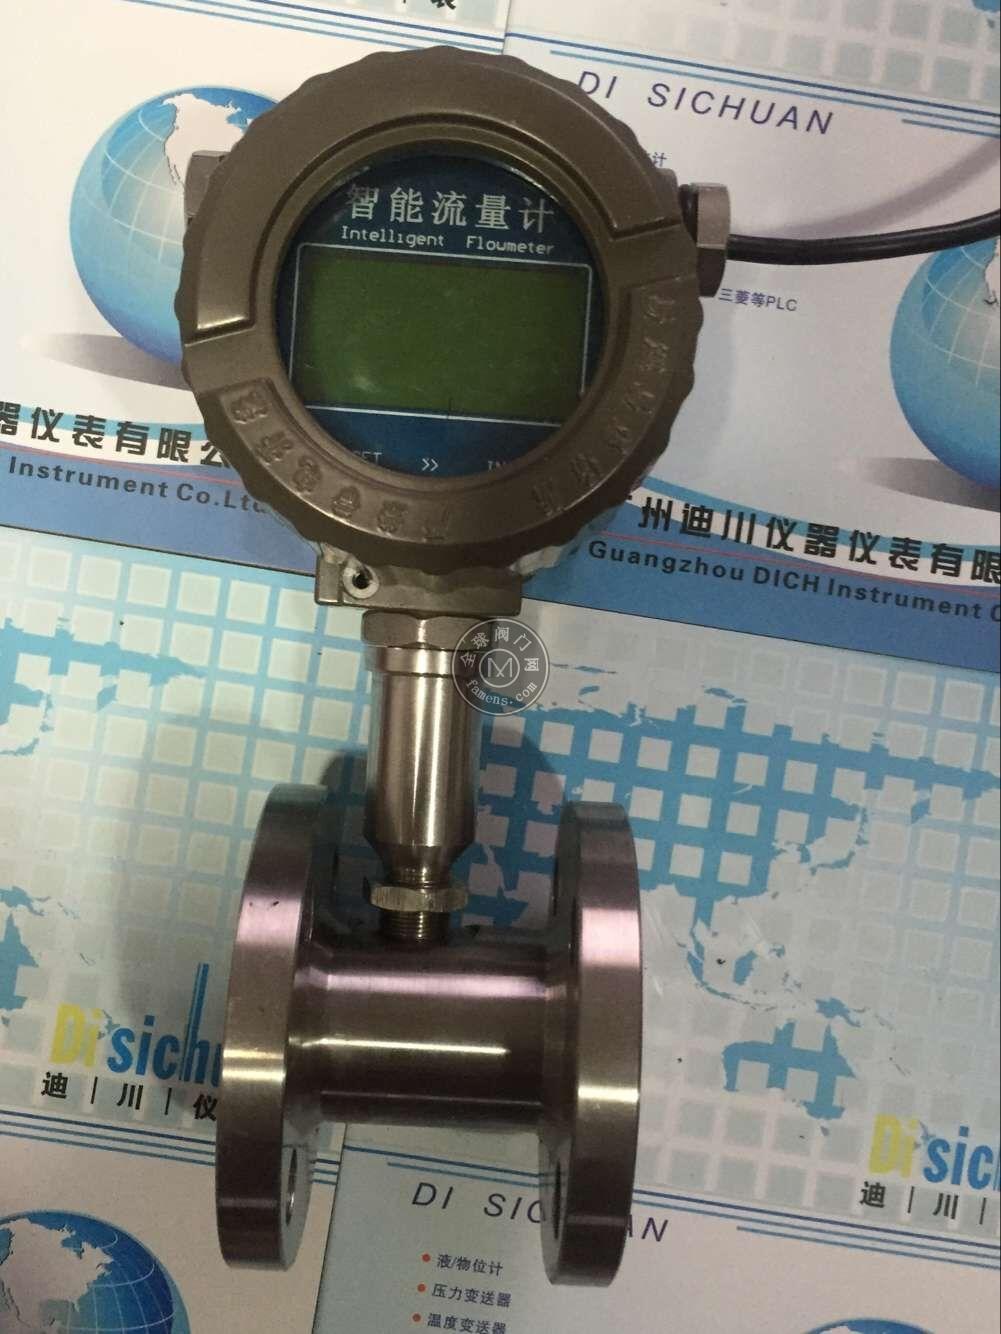 自来水流量计,智能电子水表,广州电子水表价格